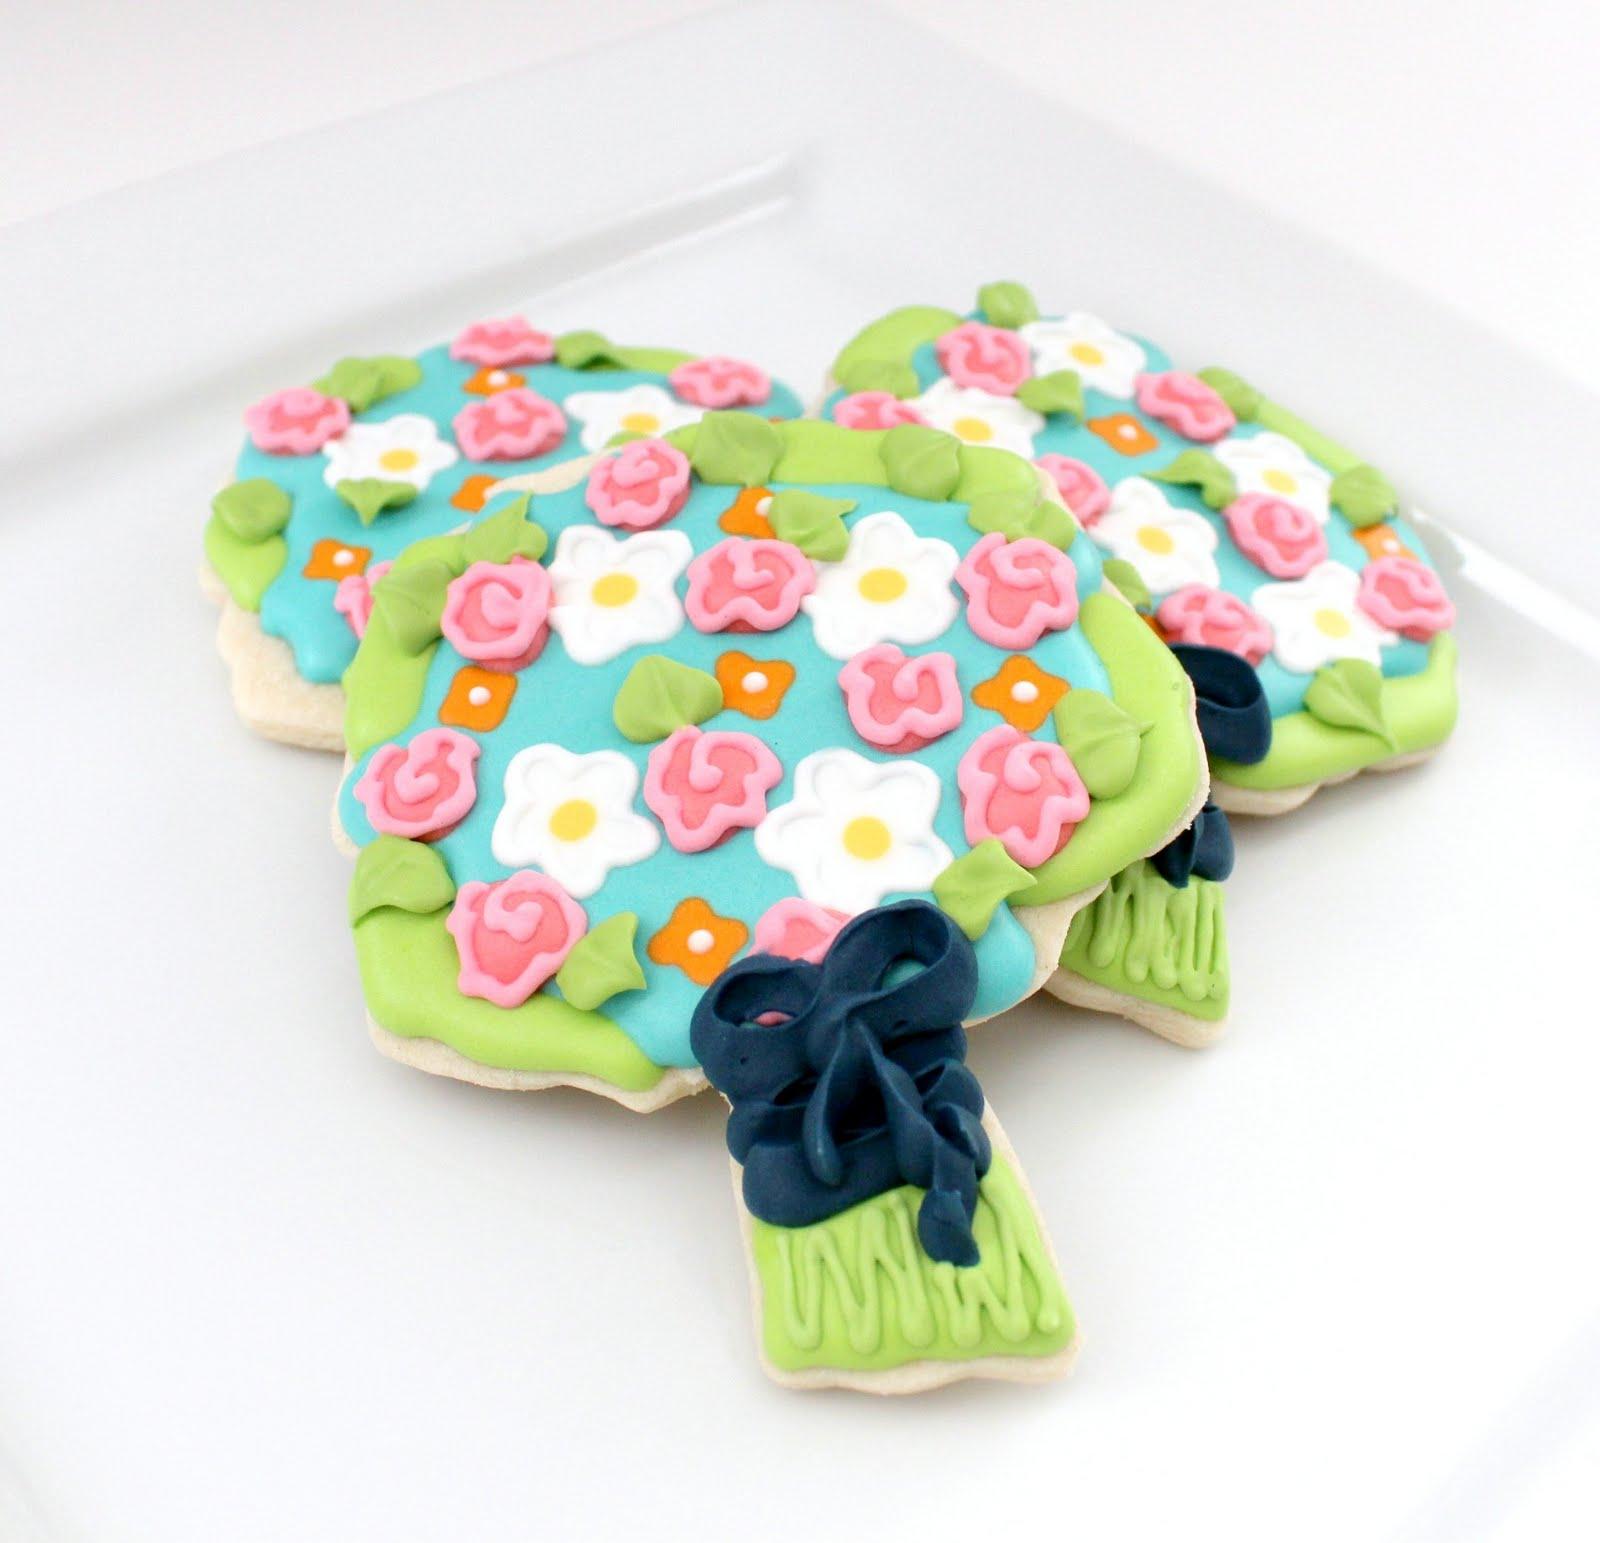 Wedding Bouquet Cookies – The Sweet Adventures of Sugar Belle